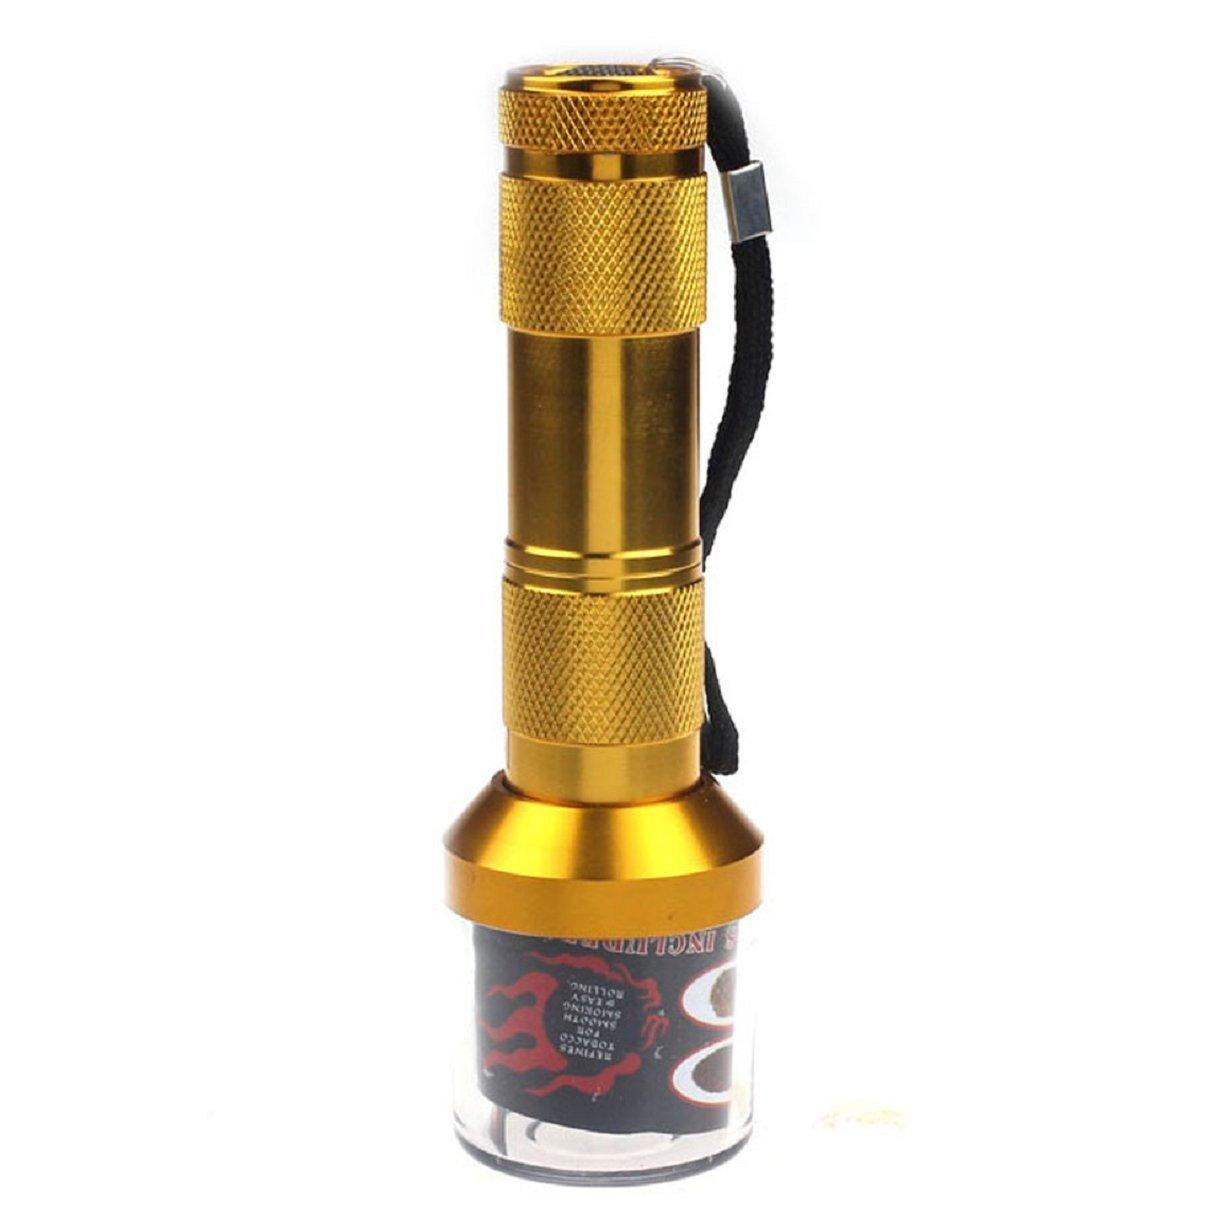 Honbay Zinc Alloy Electric Metal Grinder Herb Tabacco Crusher Grinder Cracker